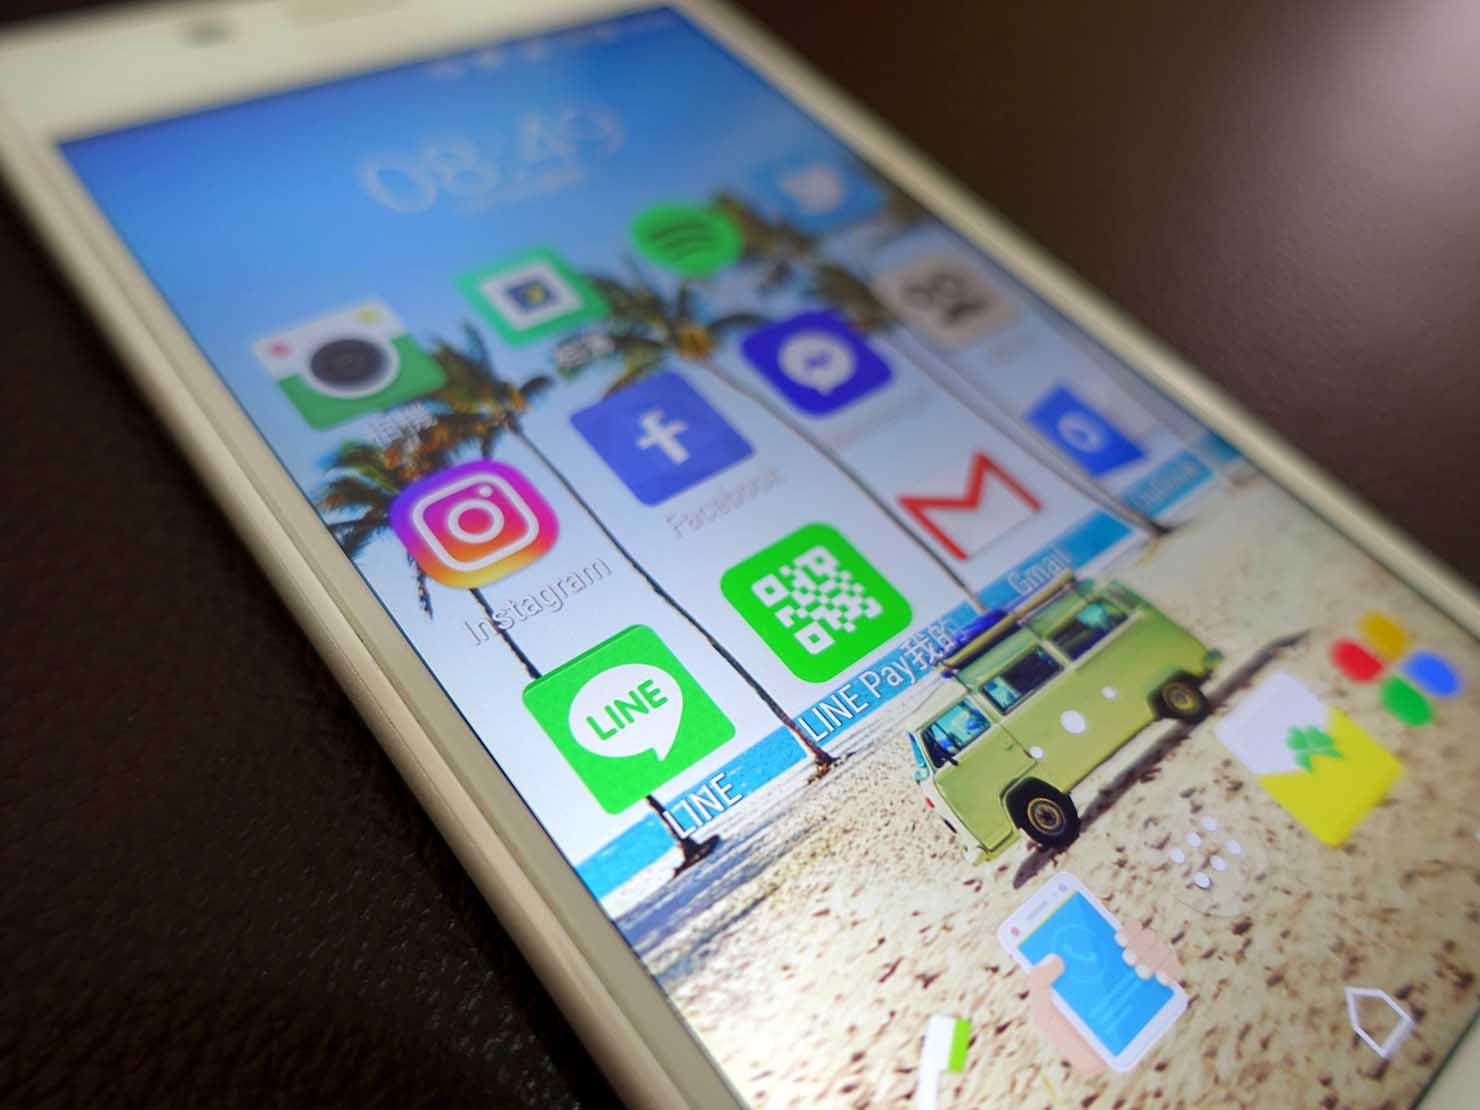 スマホデスクトップ画面のLINEアプリ